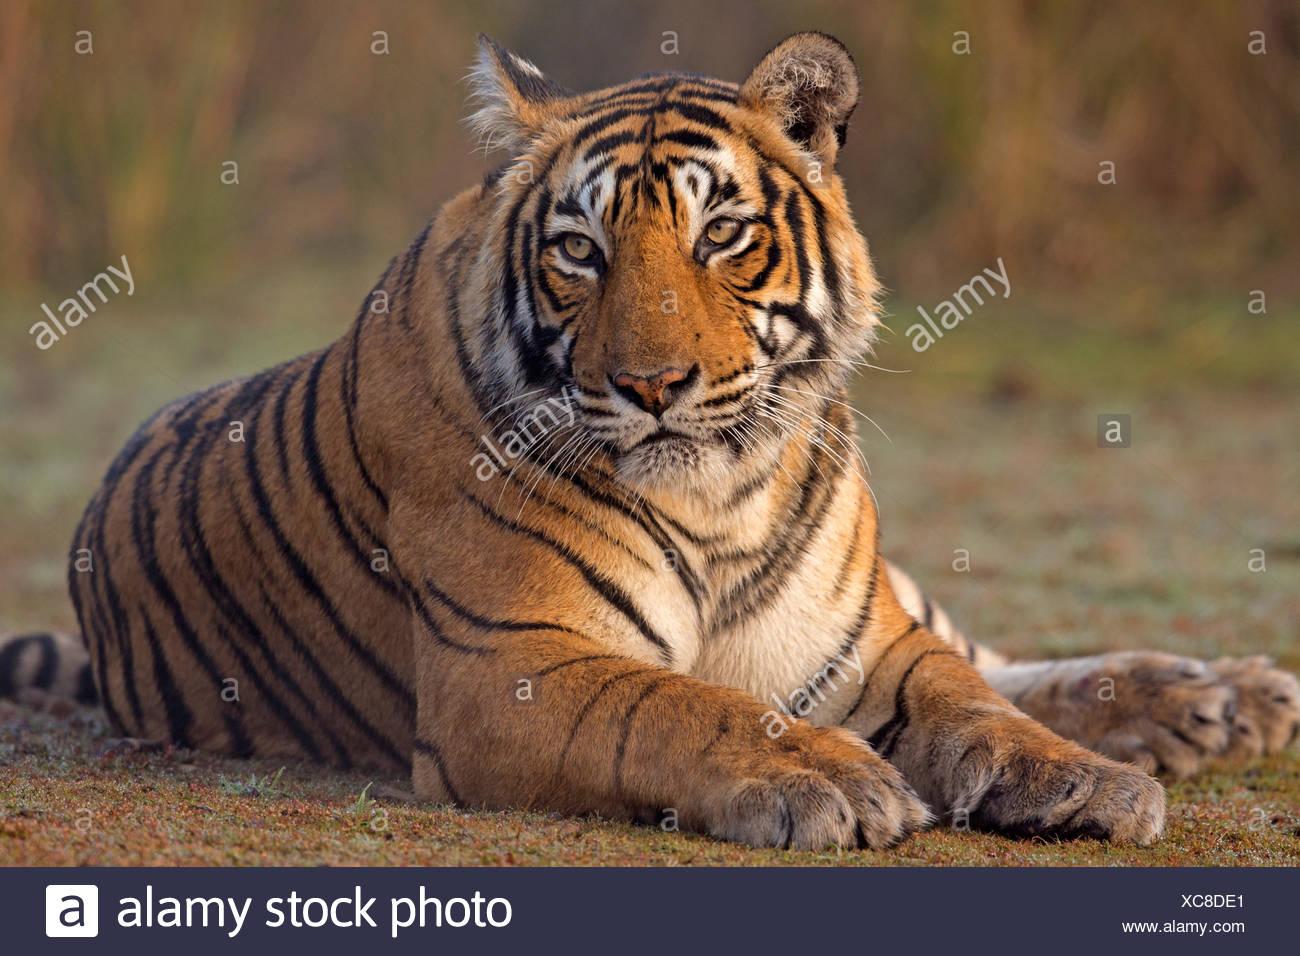 Bengal tiger (Panthera tigris tigris) female 'T19 Krishna' sitting, Ranthambore National Park, India. - Stock Image